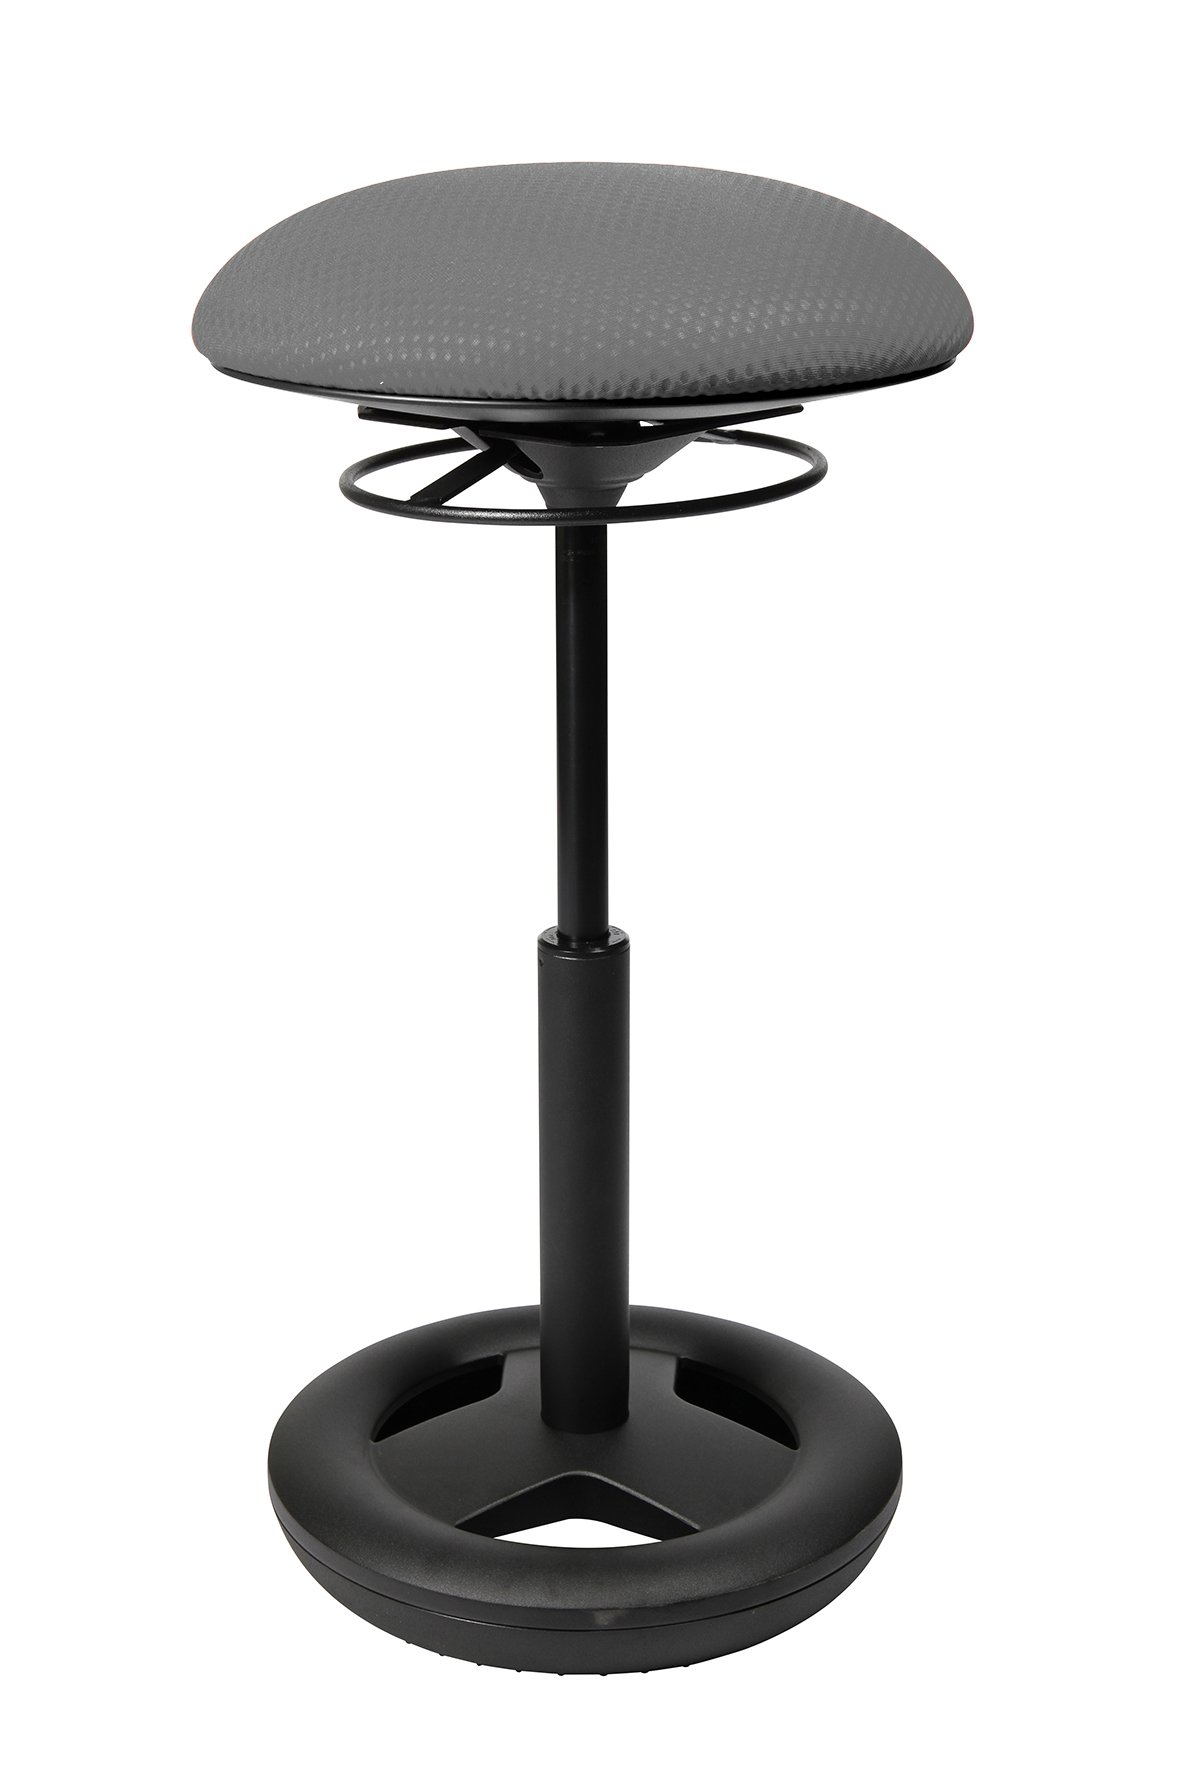 Hocker Sitness Creative 950,schwarz / grau,Aluminium